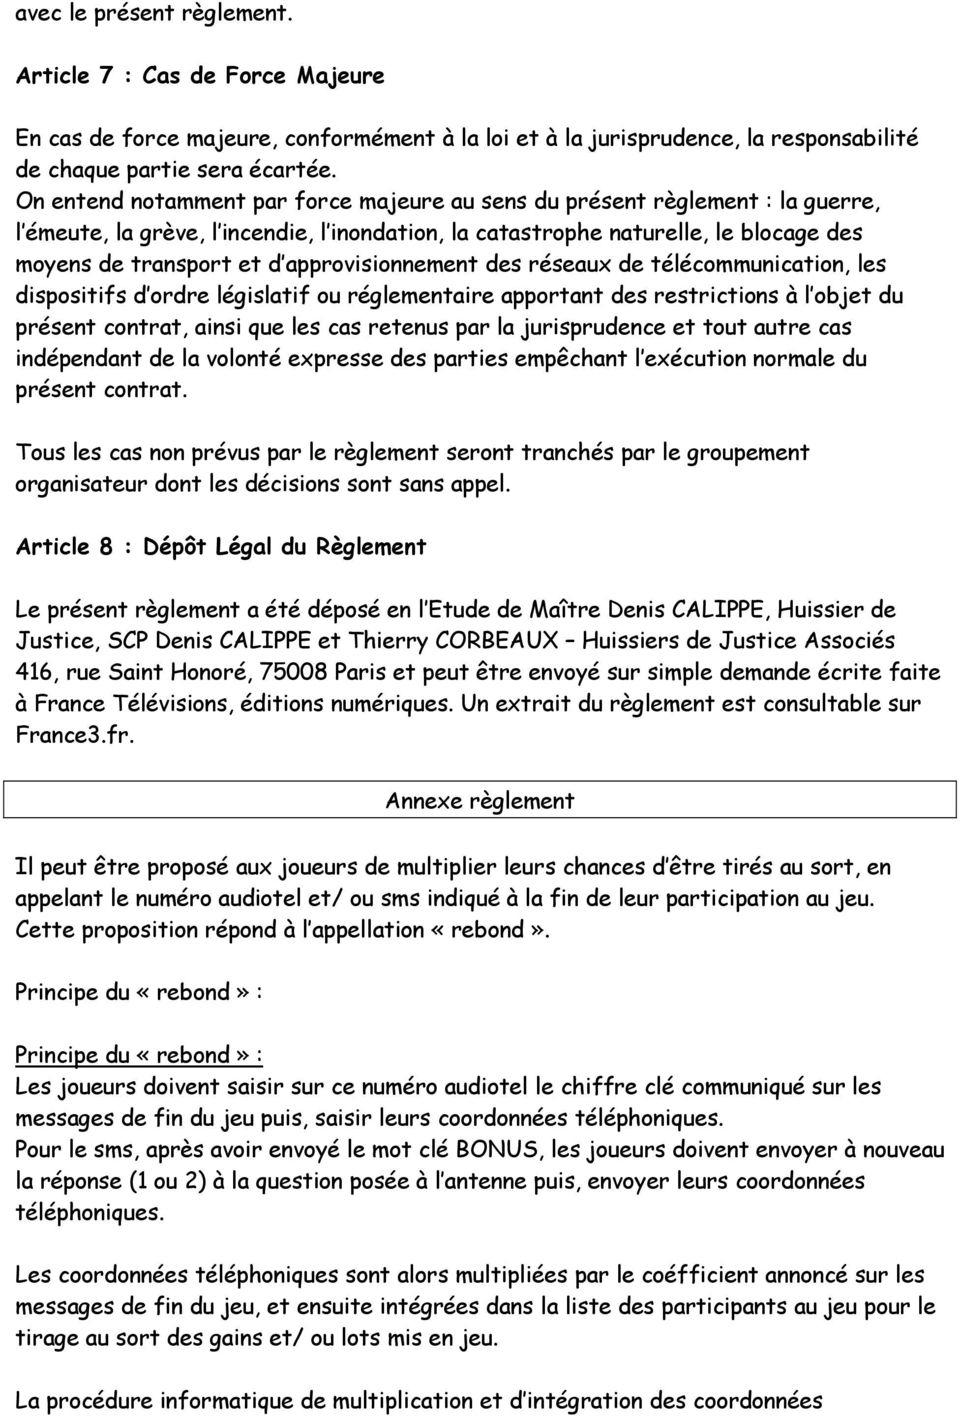 Reglement Du Jeu Concours Questions Pour Un Champion - Pdf dedans Jeux Avec Des Questions